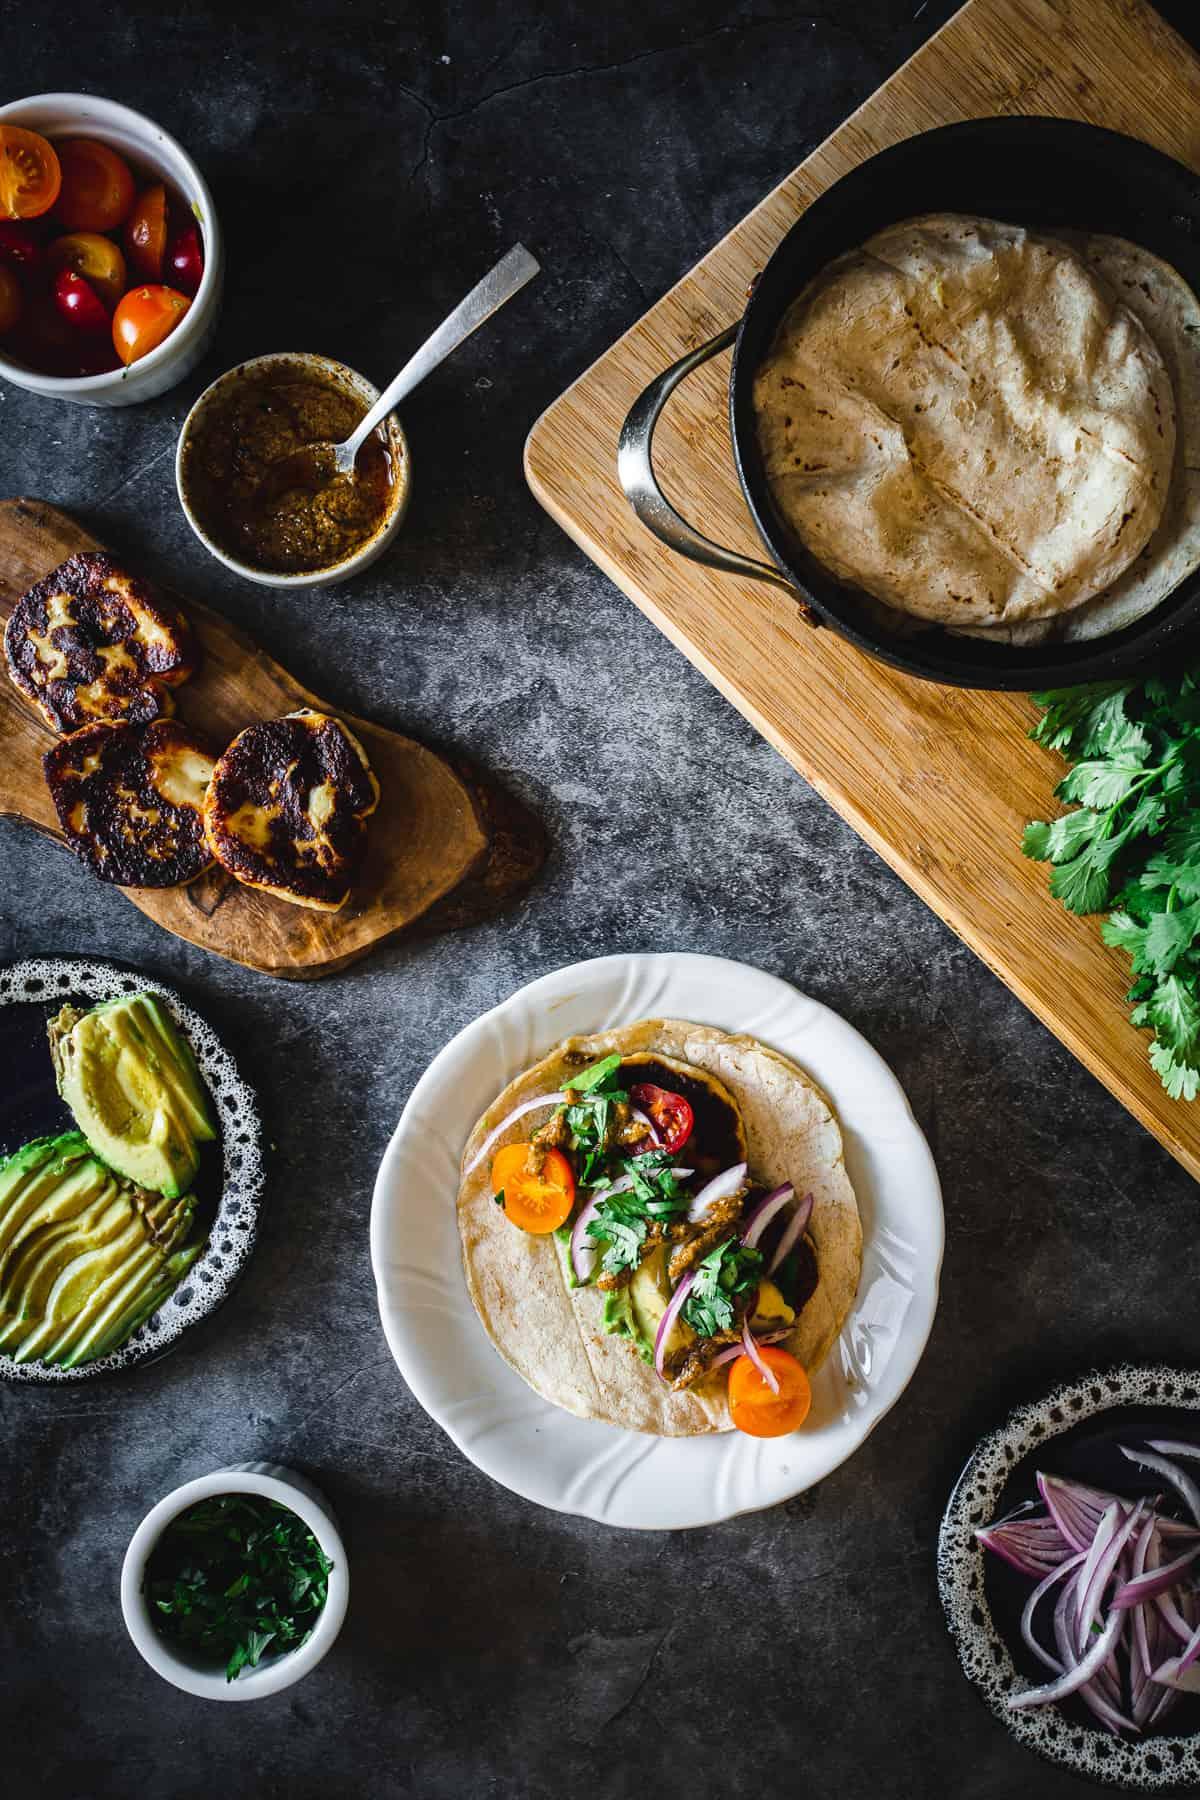 assembling halloumi tacos